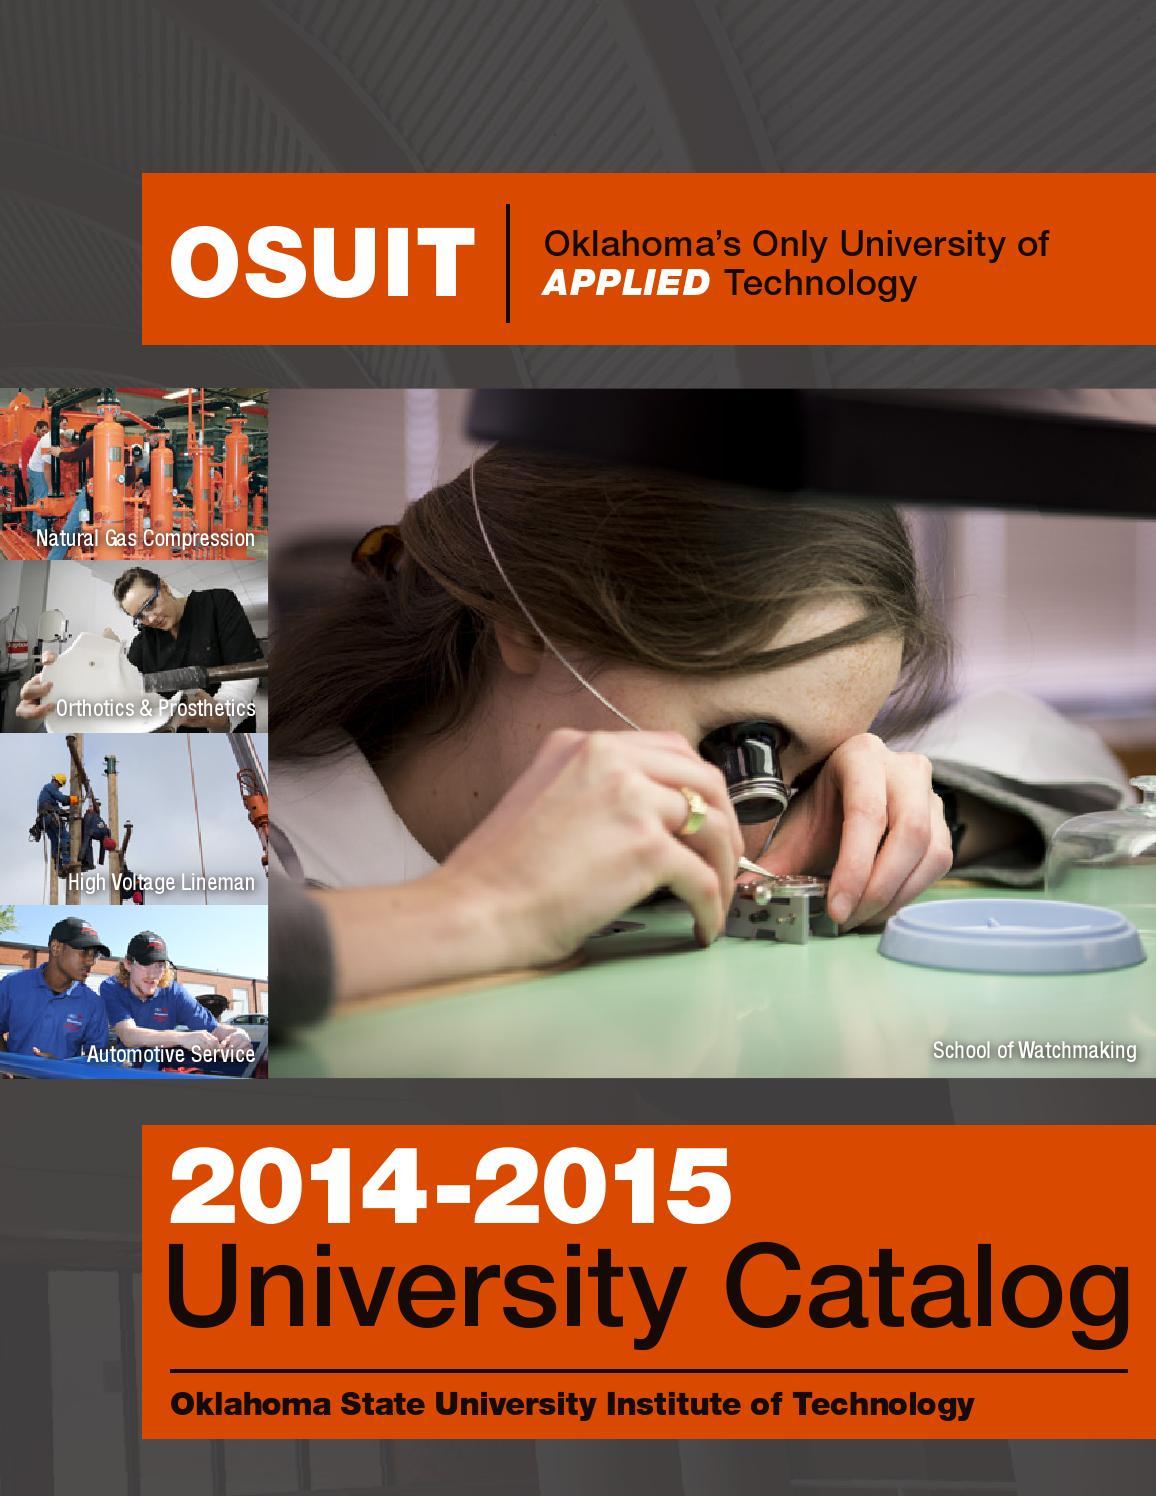 OSUIT 2014-2015 University Catalog